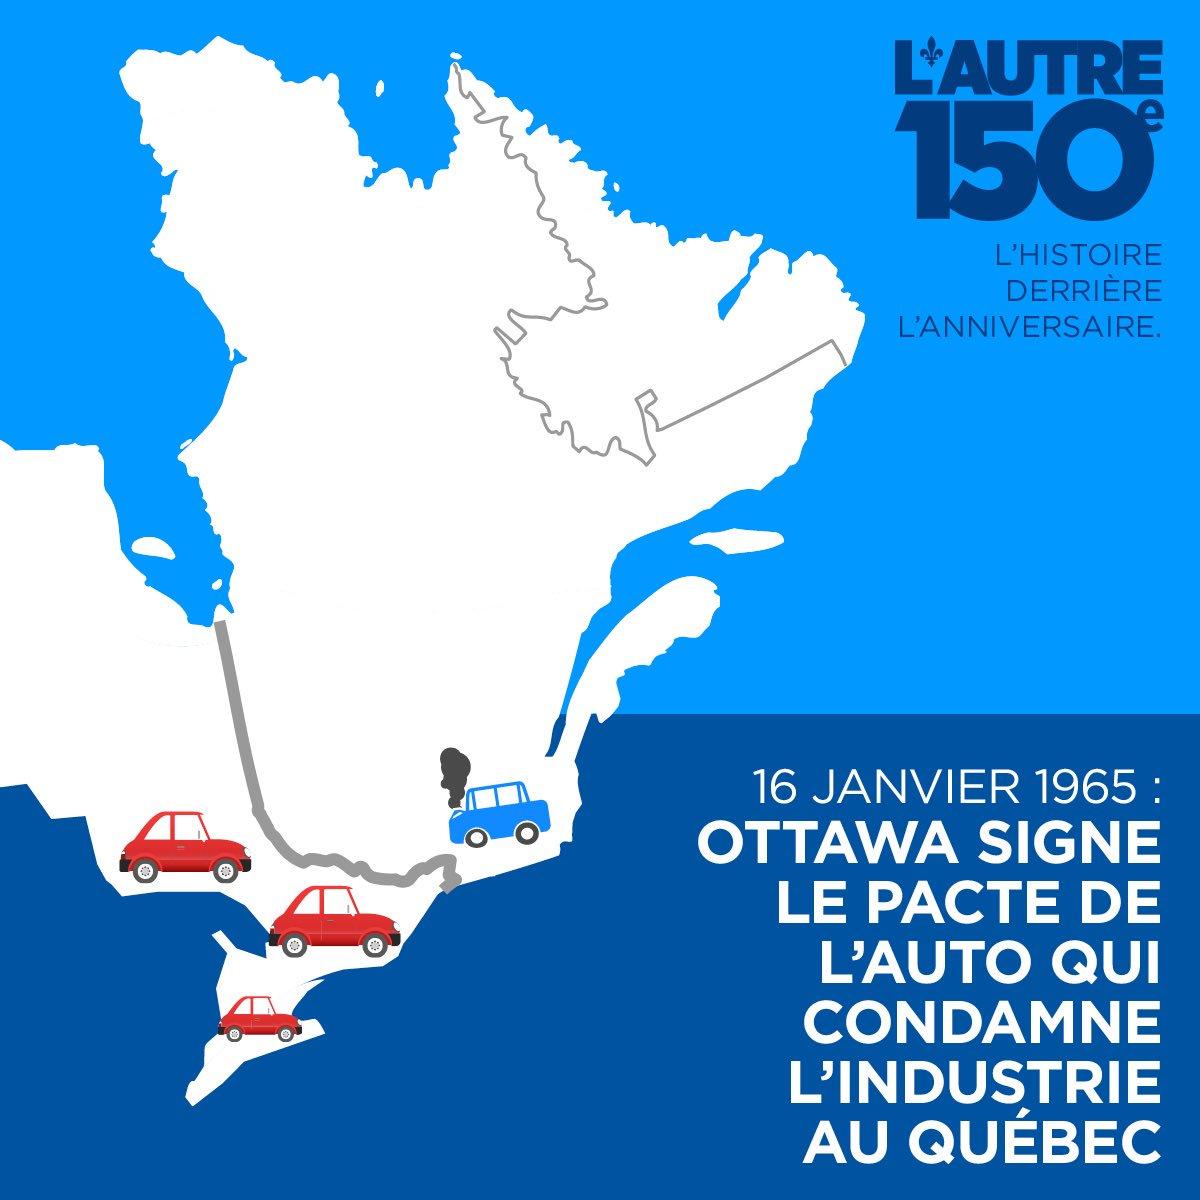 16 janvier 1965 - Le Canada signe le Pacte de l'automobile avec les États-Unis, assurant la suprématie ontarienne en ce domaine #Canada150  <br>http://pic.twitter.com/SpaJmQnqXo